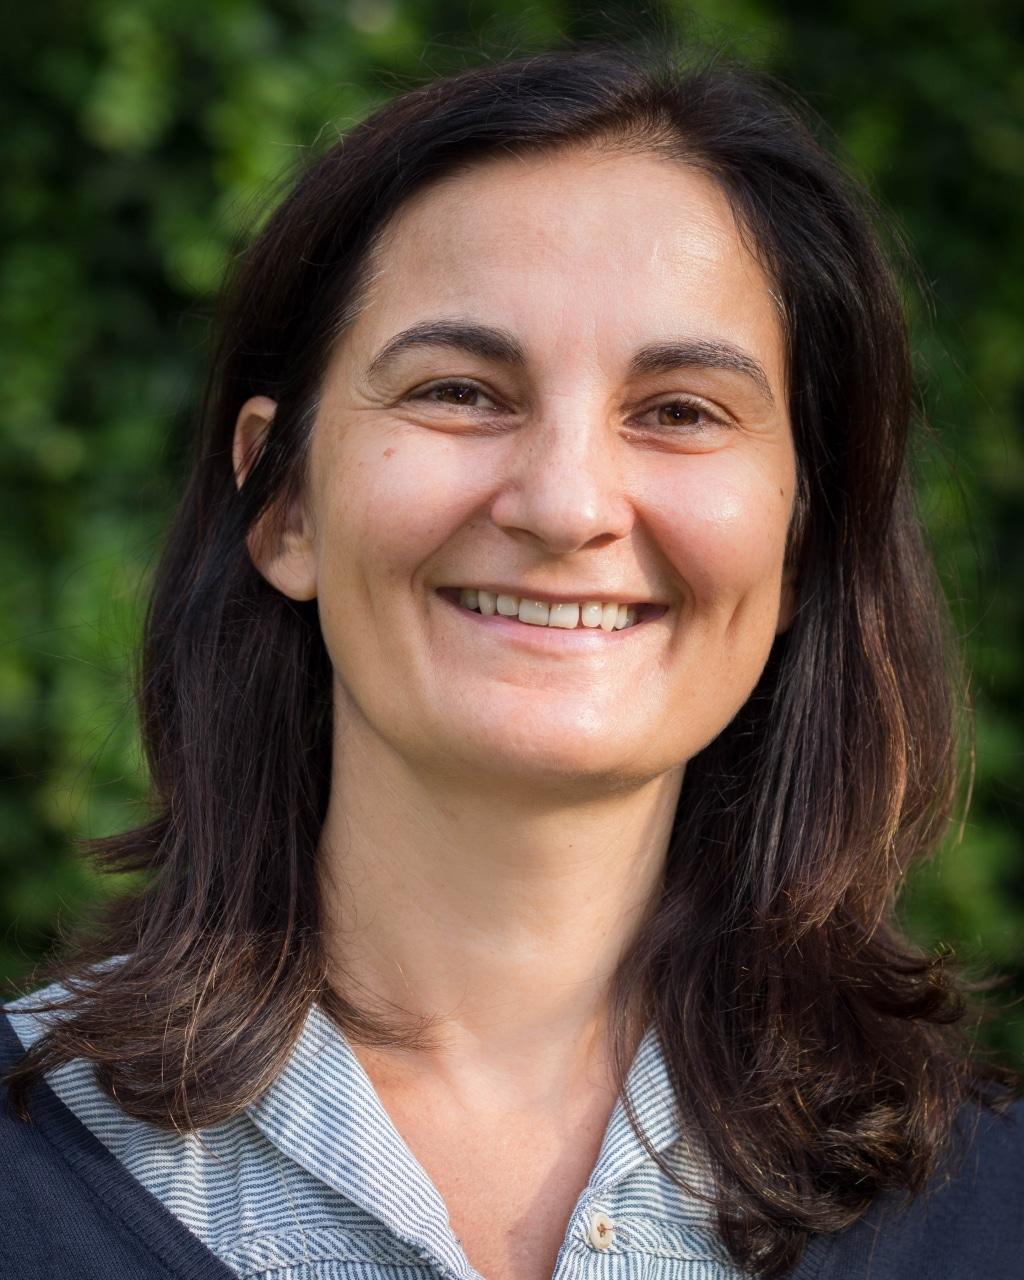 Doris Gusel: Leitung Doris Gusel Betriebliche Beschäftigung - Bildung - Arbeitstraining, Berufsausbildungsassistenz plus, Medienbüro